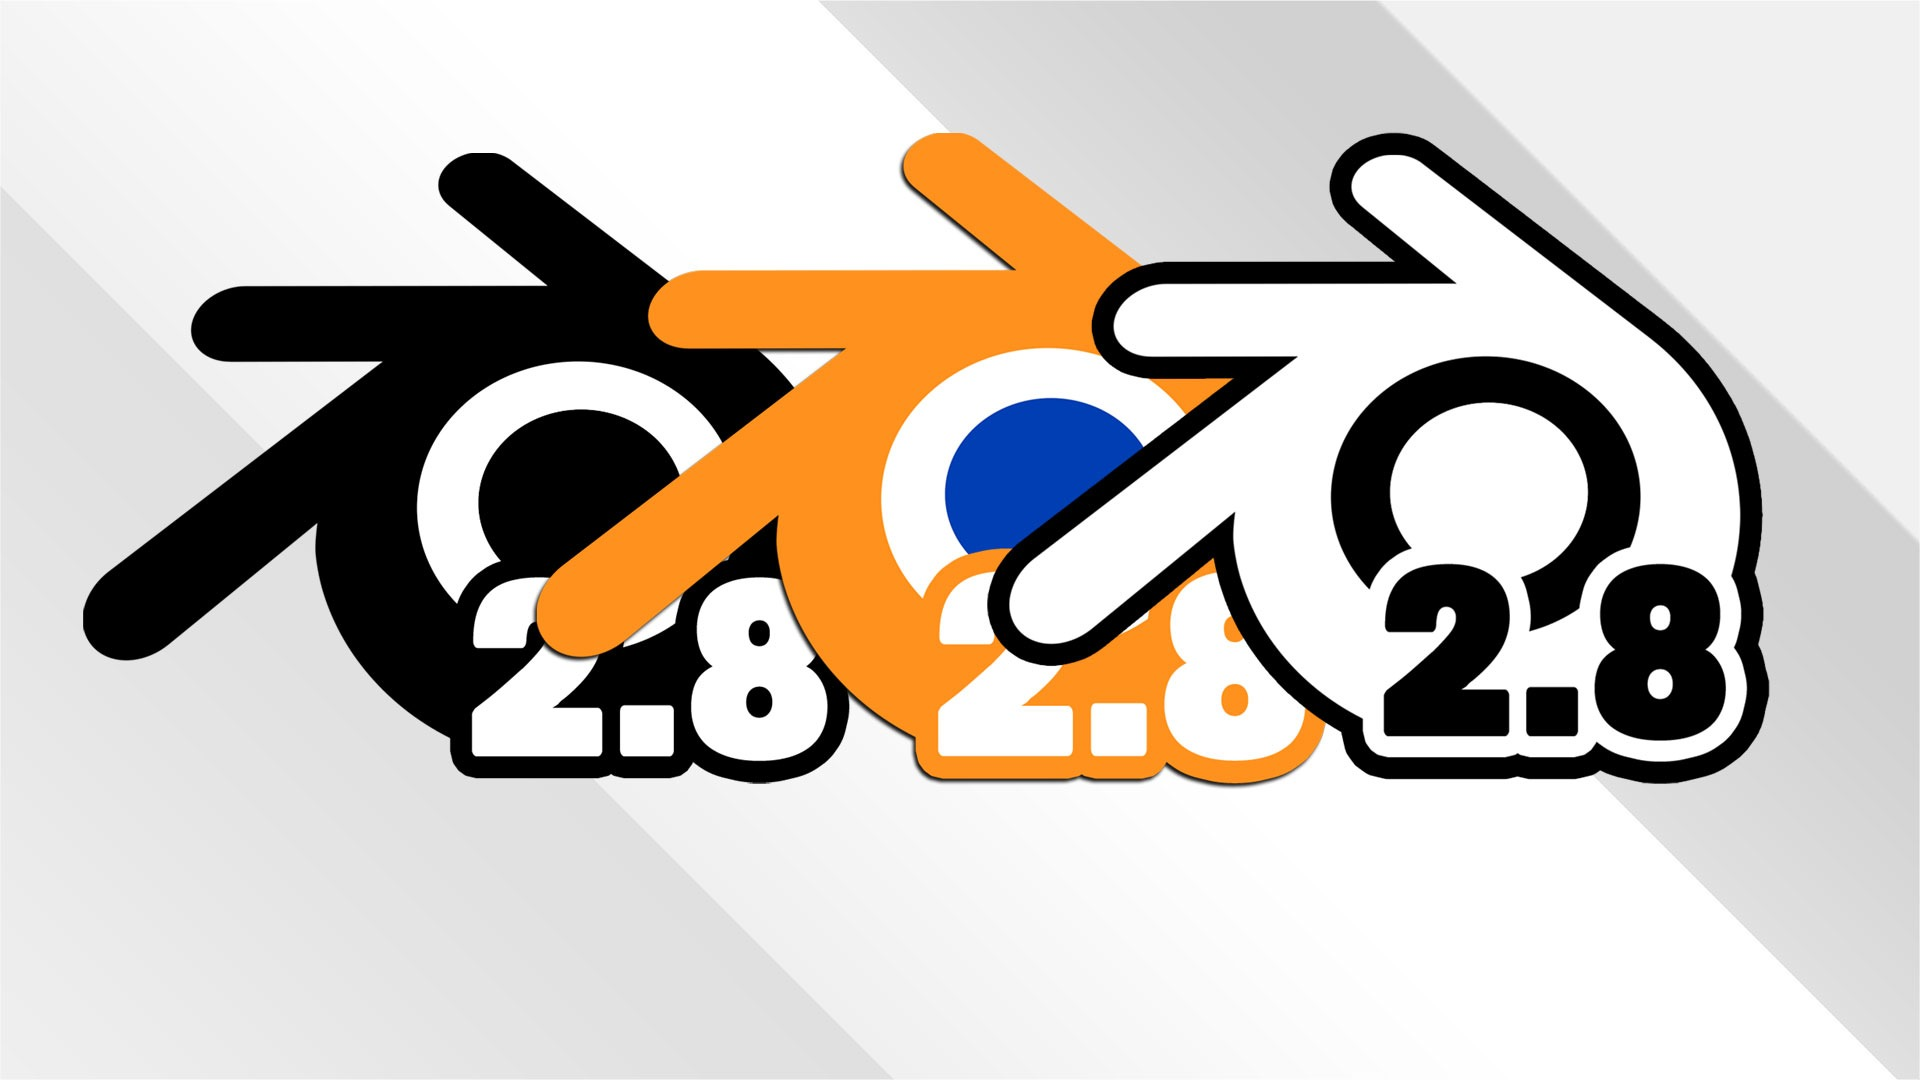 Free Blender 2 8 Icons!   Blender Sensei